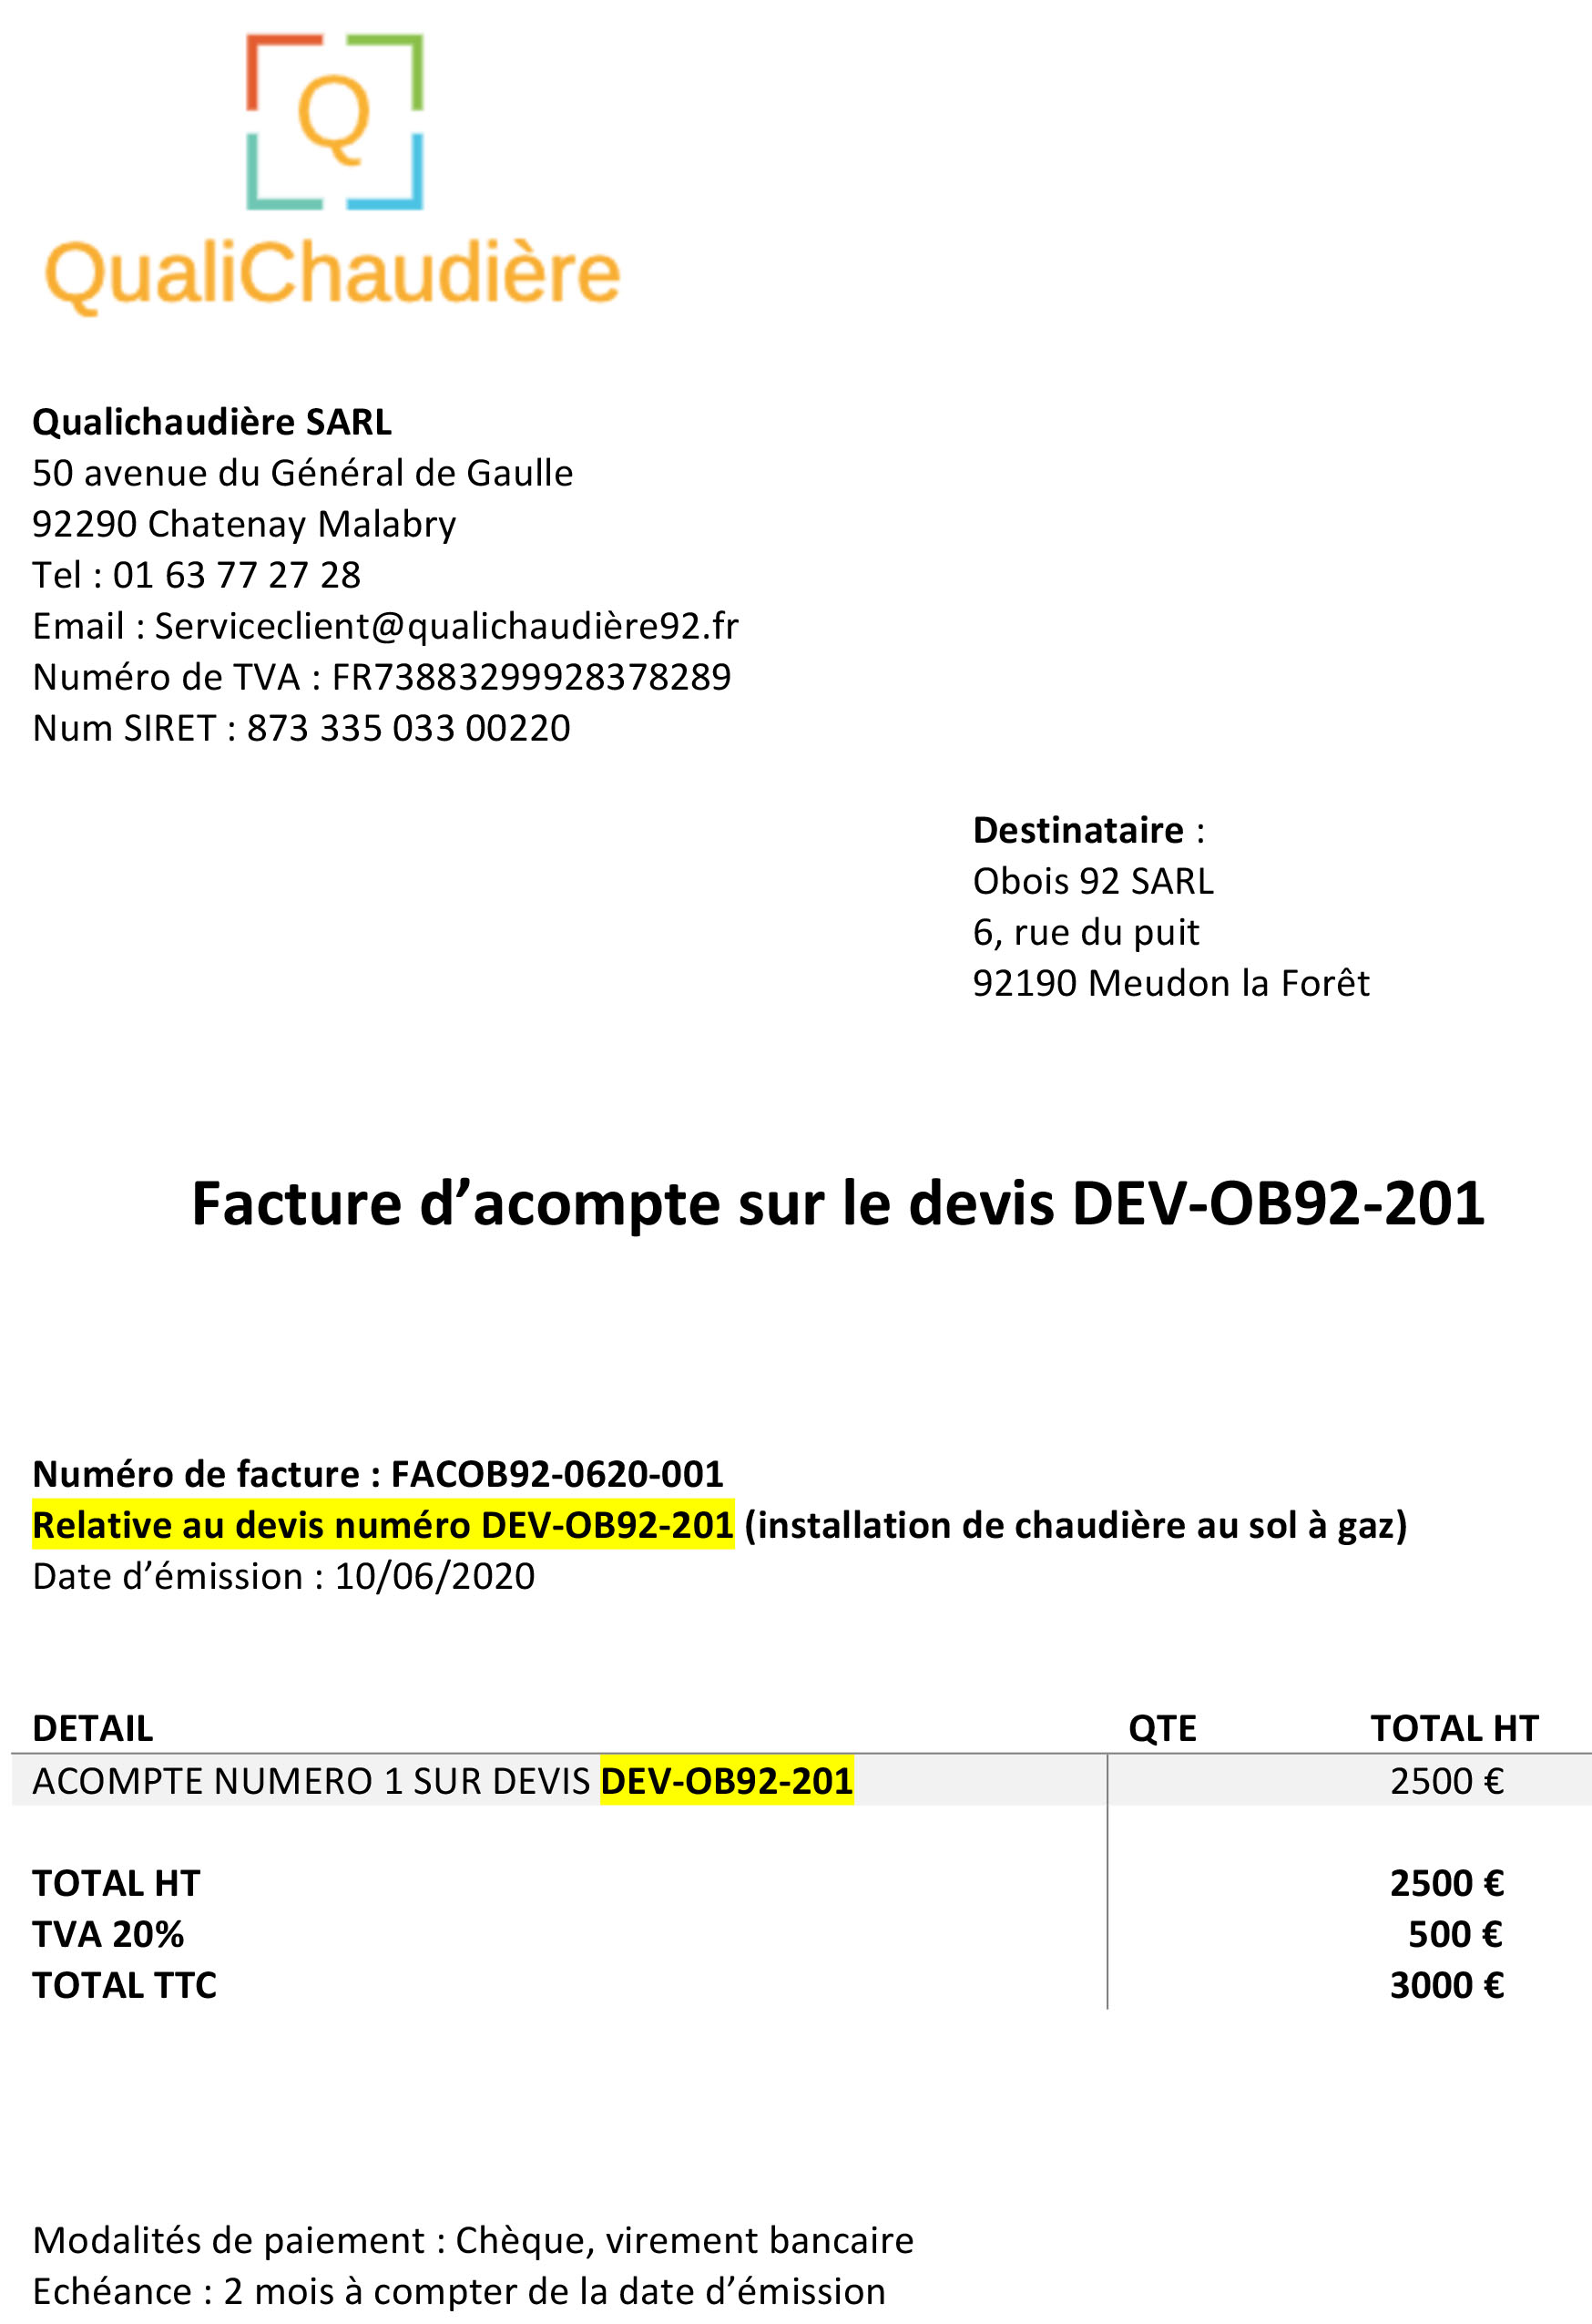 Factures D Acompte Modele A Telecharger Exemple Et Reglementation Probatiment